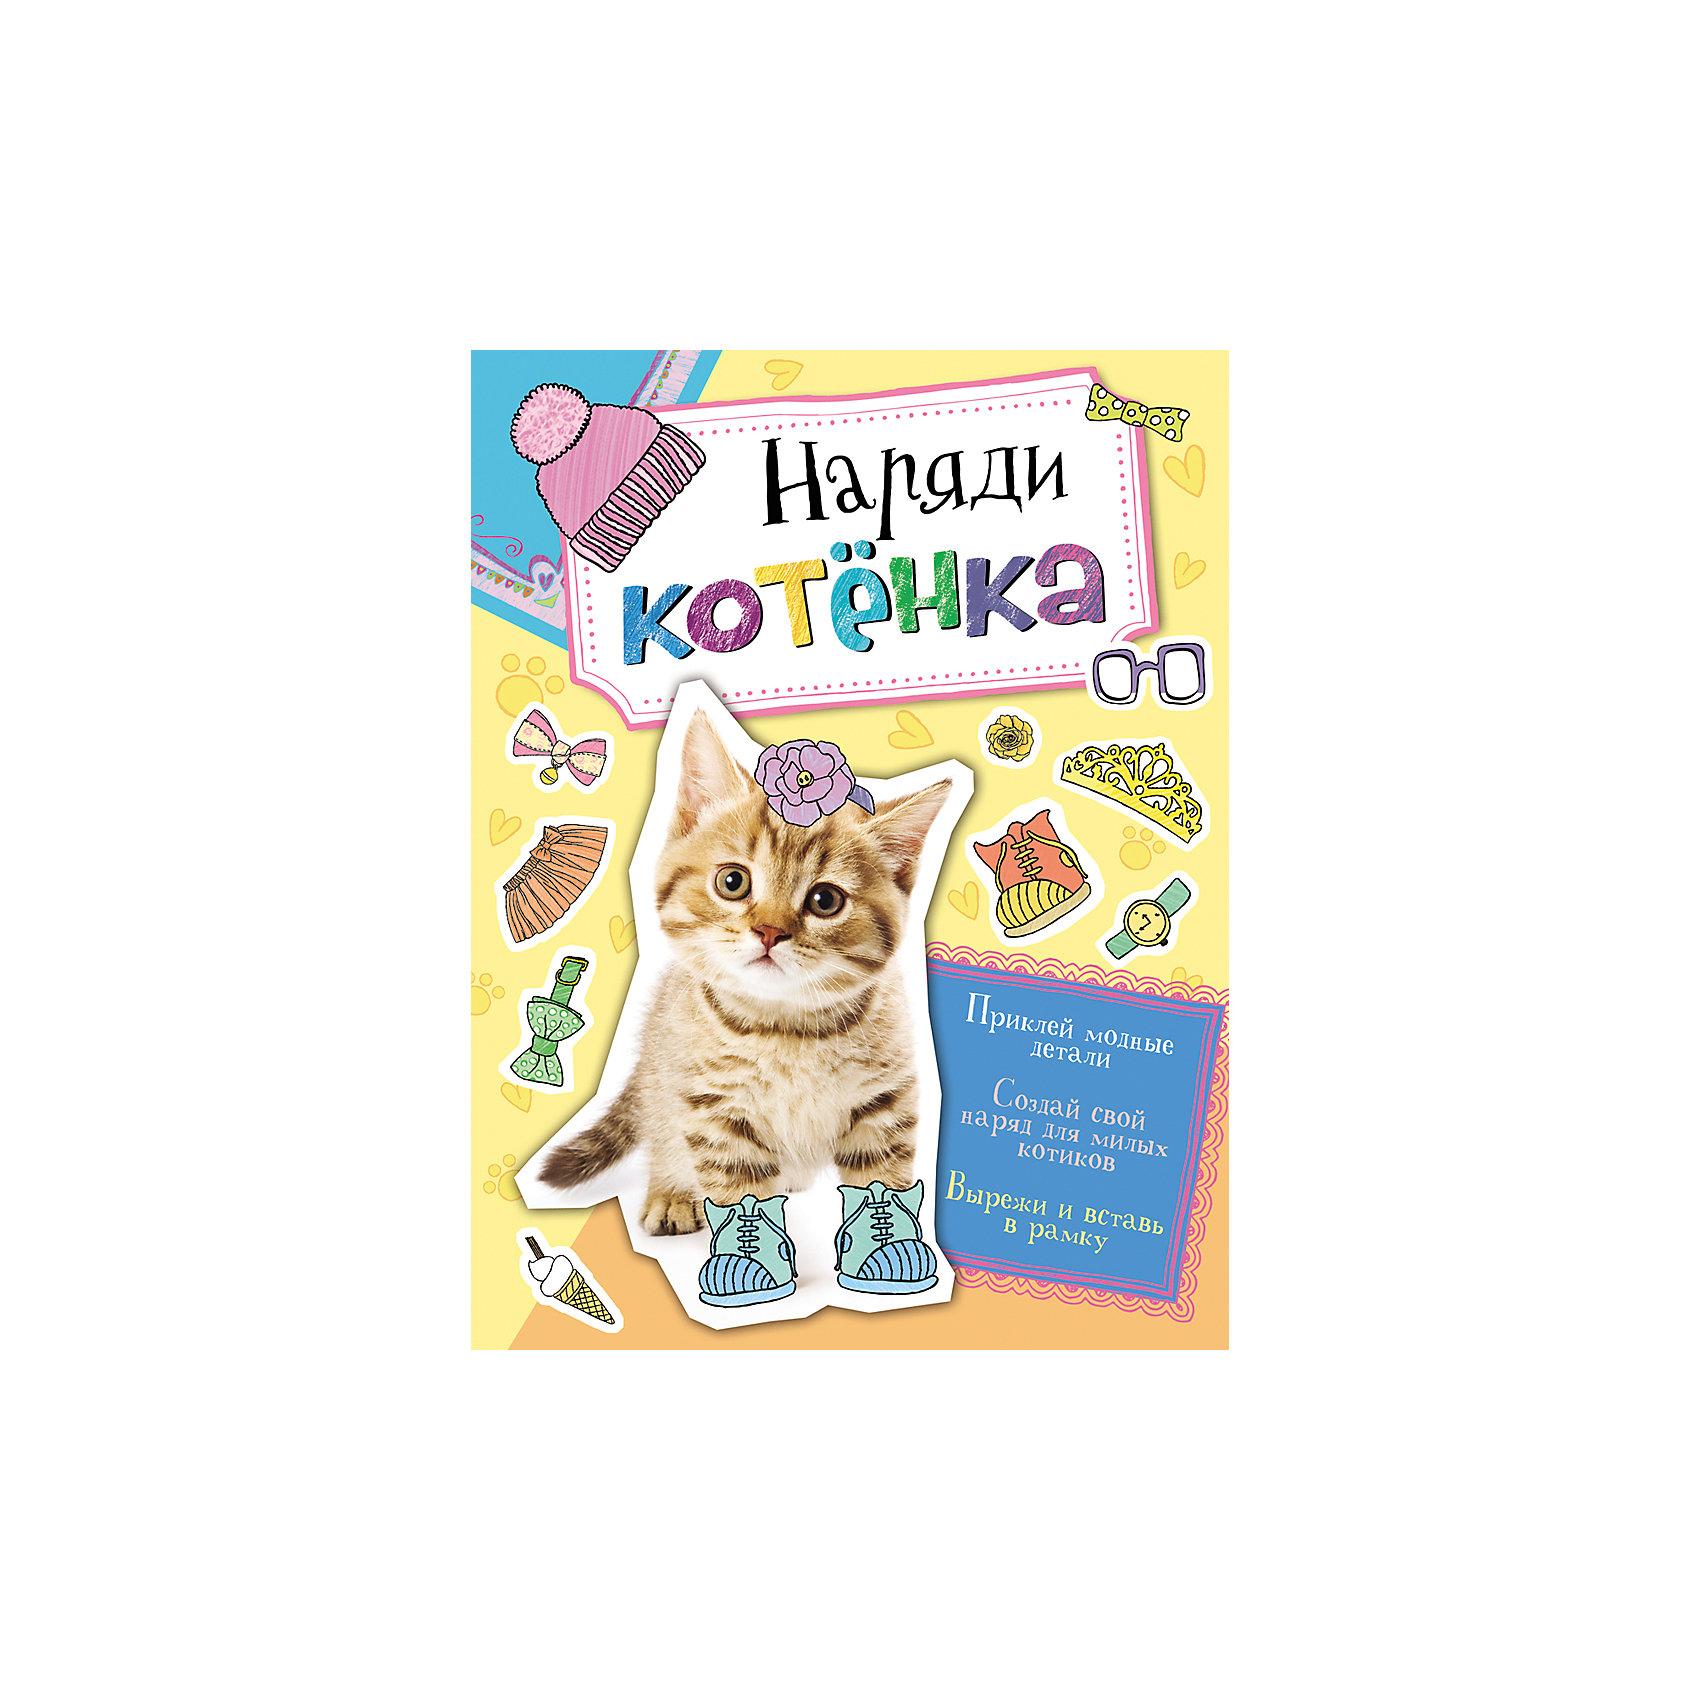 Росмэн Наряди котенка бенгальского котенка в егорьевске